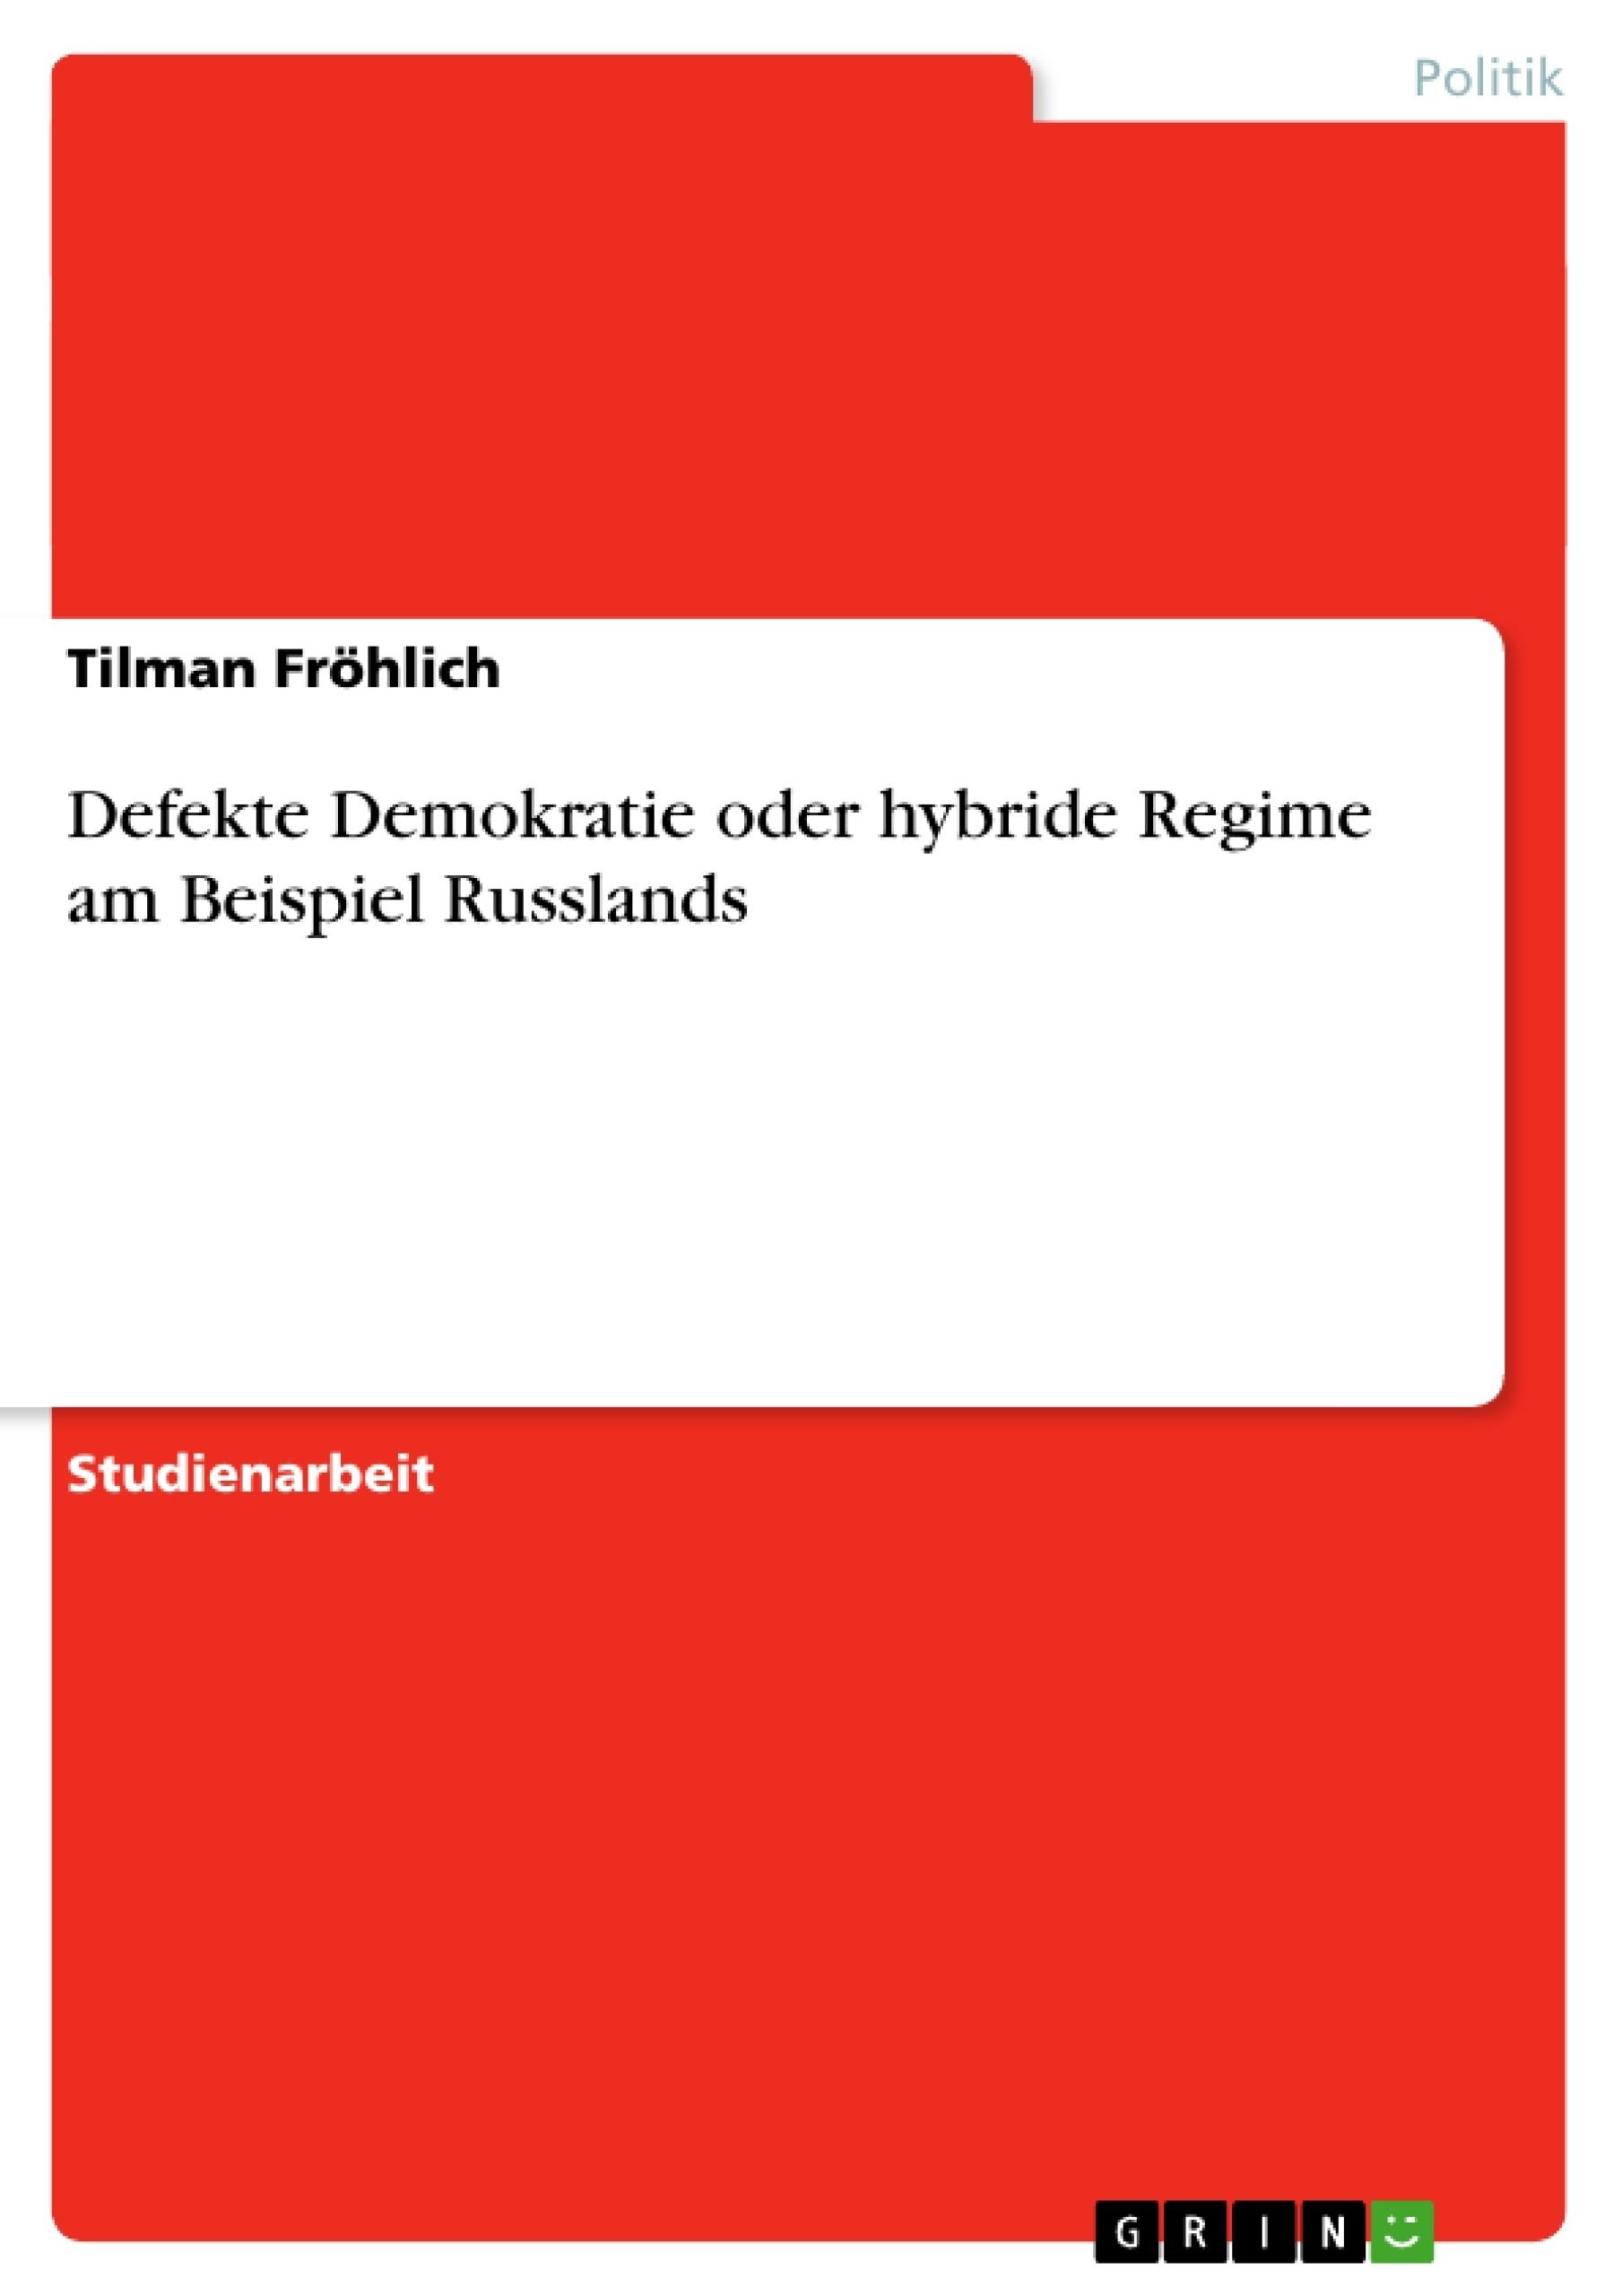 Titel: Defekte Demokratie oder hybride Regime am  Beispiel Russlands